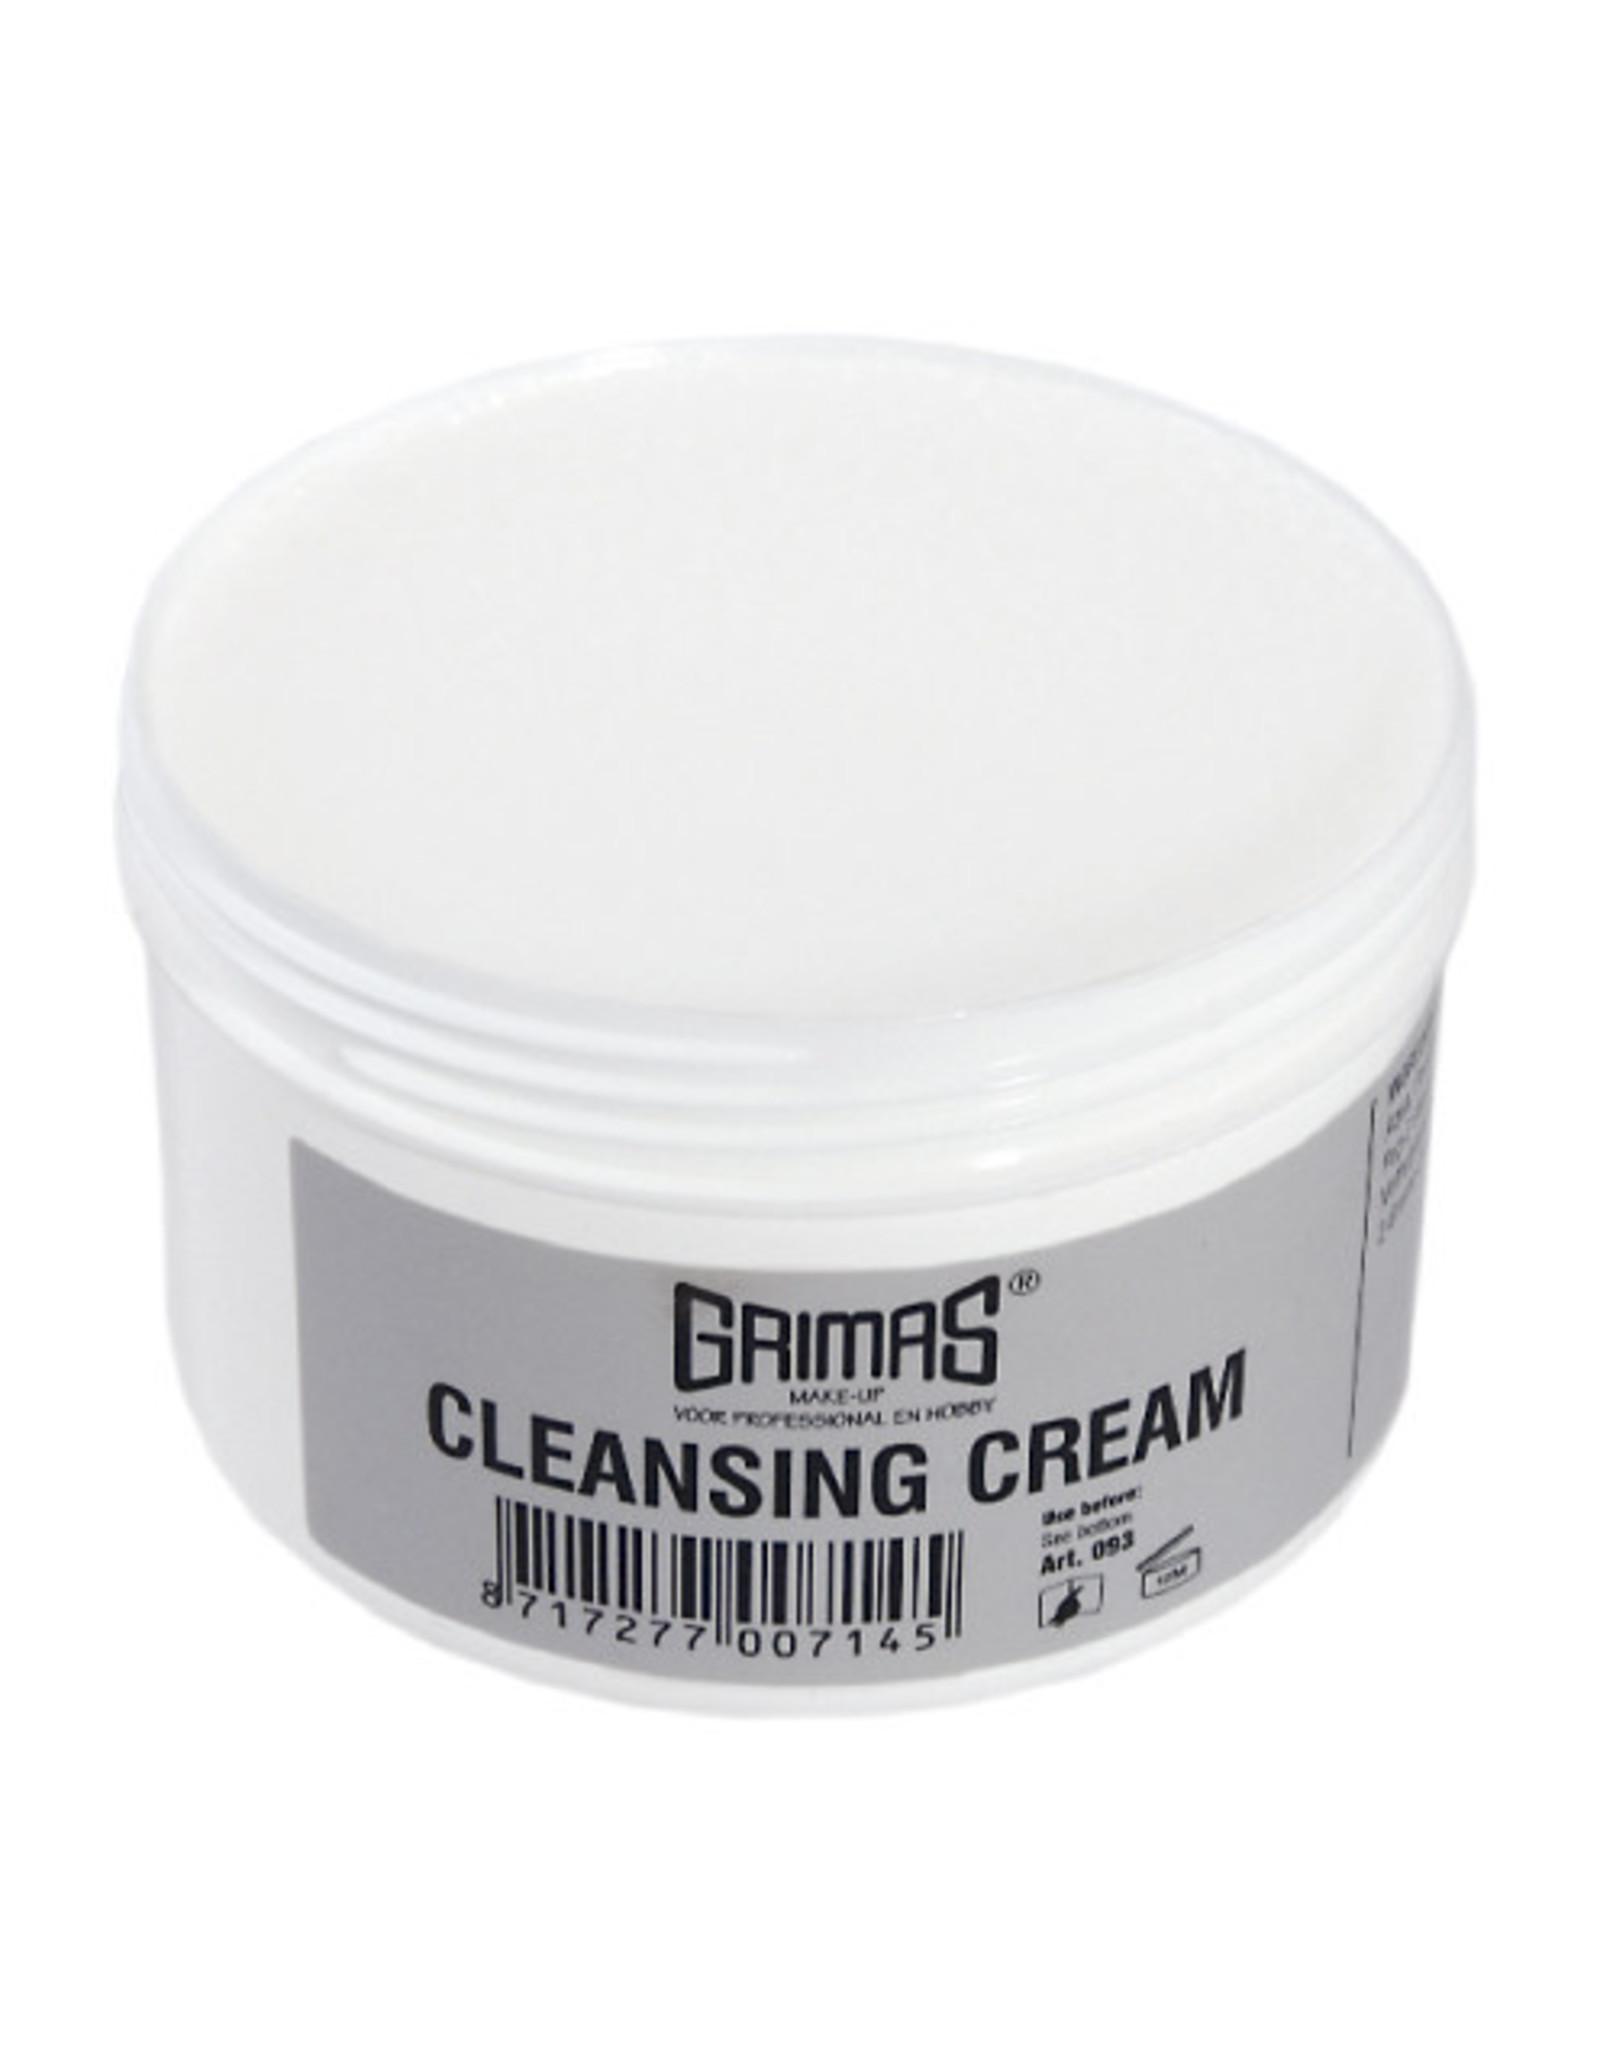 Grimas CLEANSING CREAM / SKINCARE CREAM